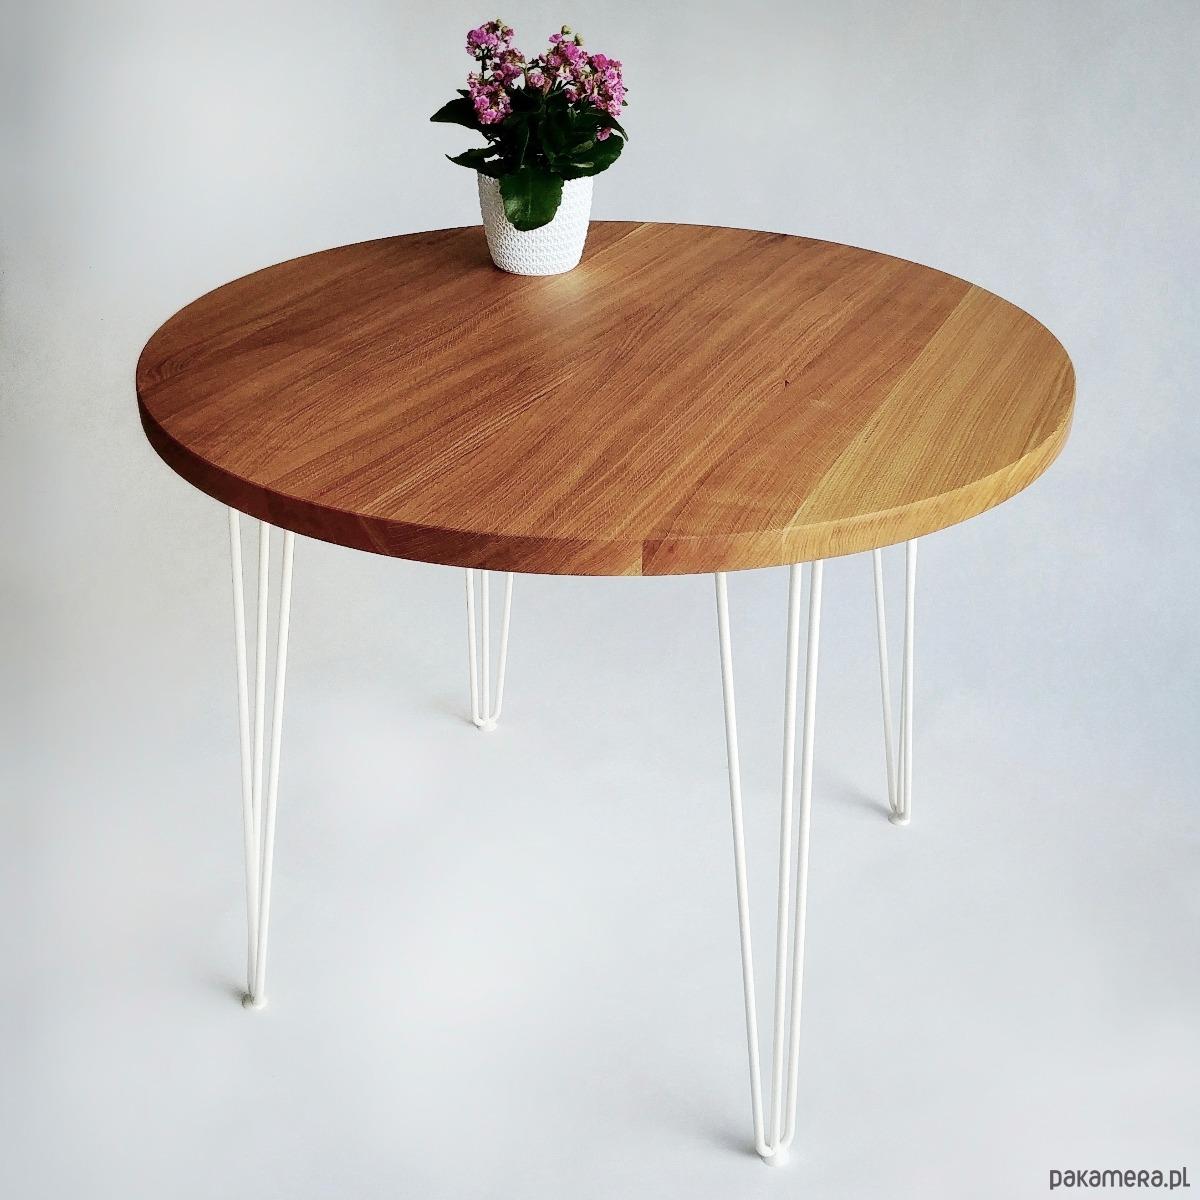 Bardzo dobryFantastyczny Okrągły stół dębowy MOKU - meble - stoły i stoliki - stoły GF02